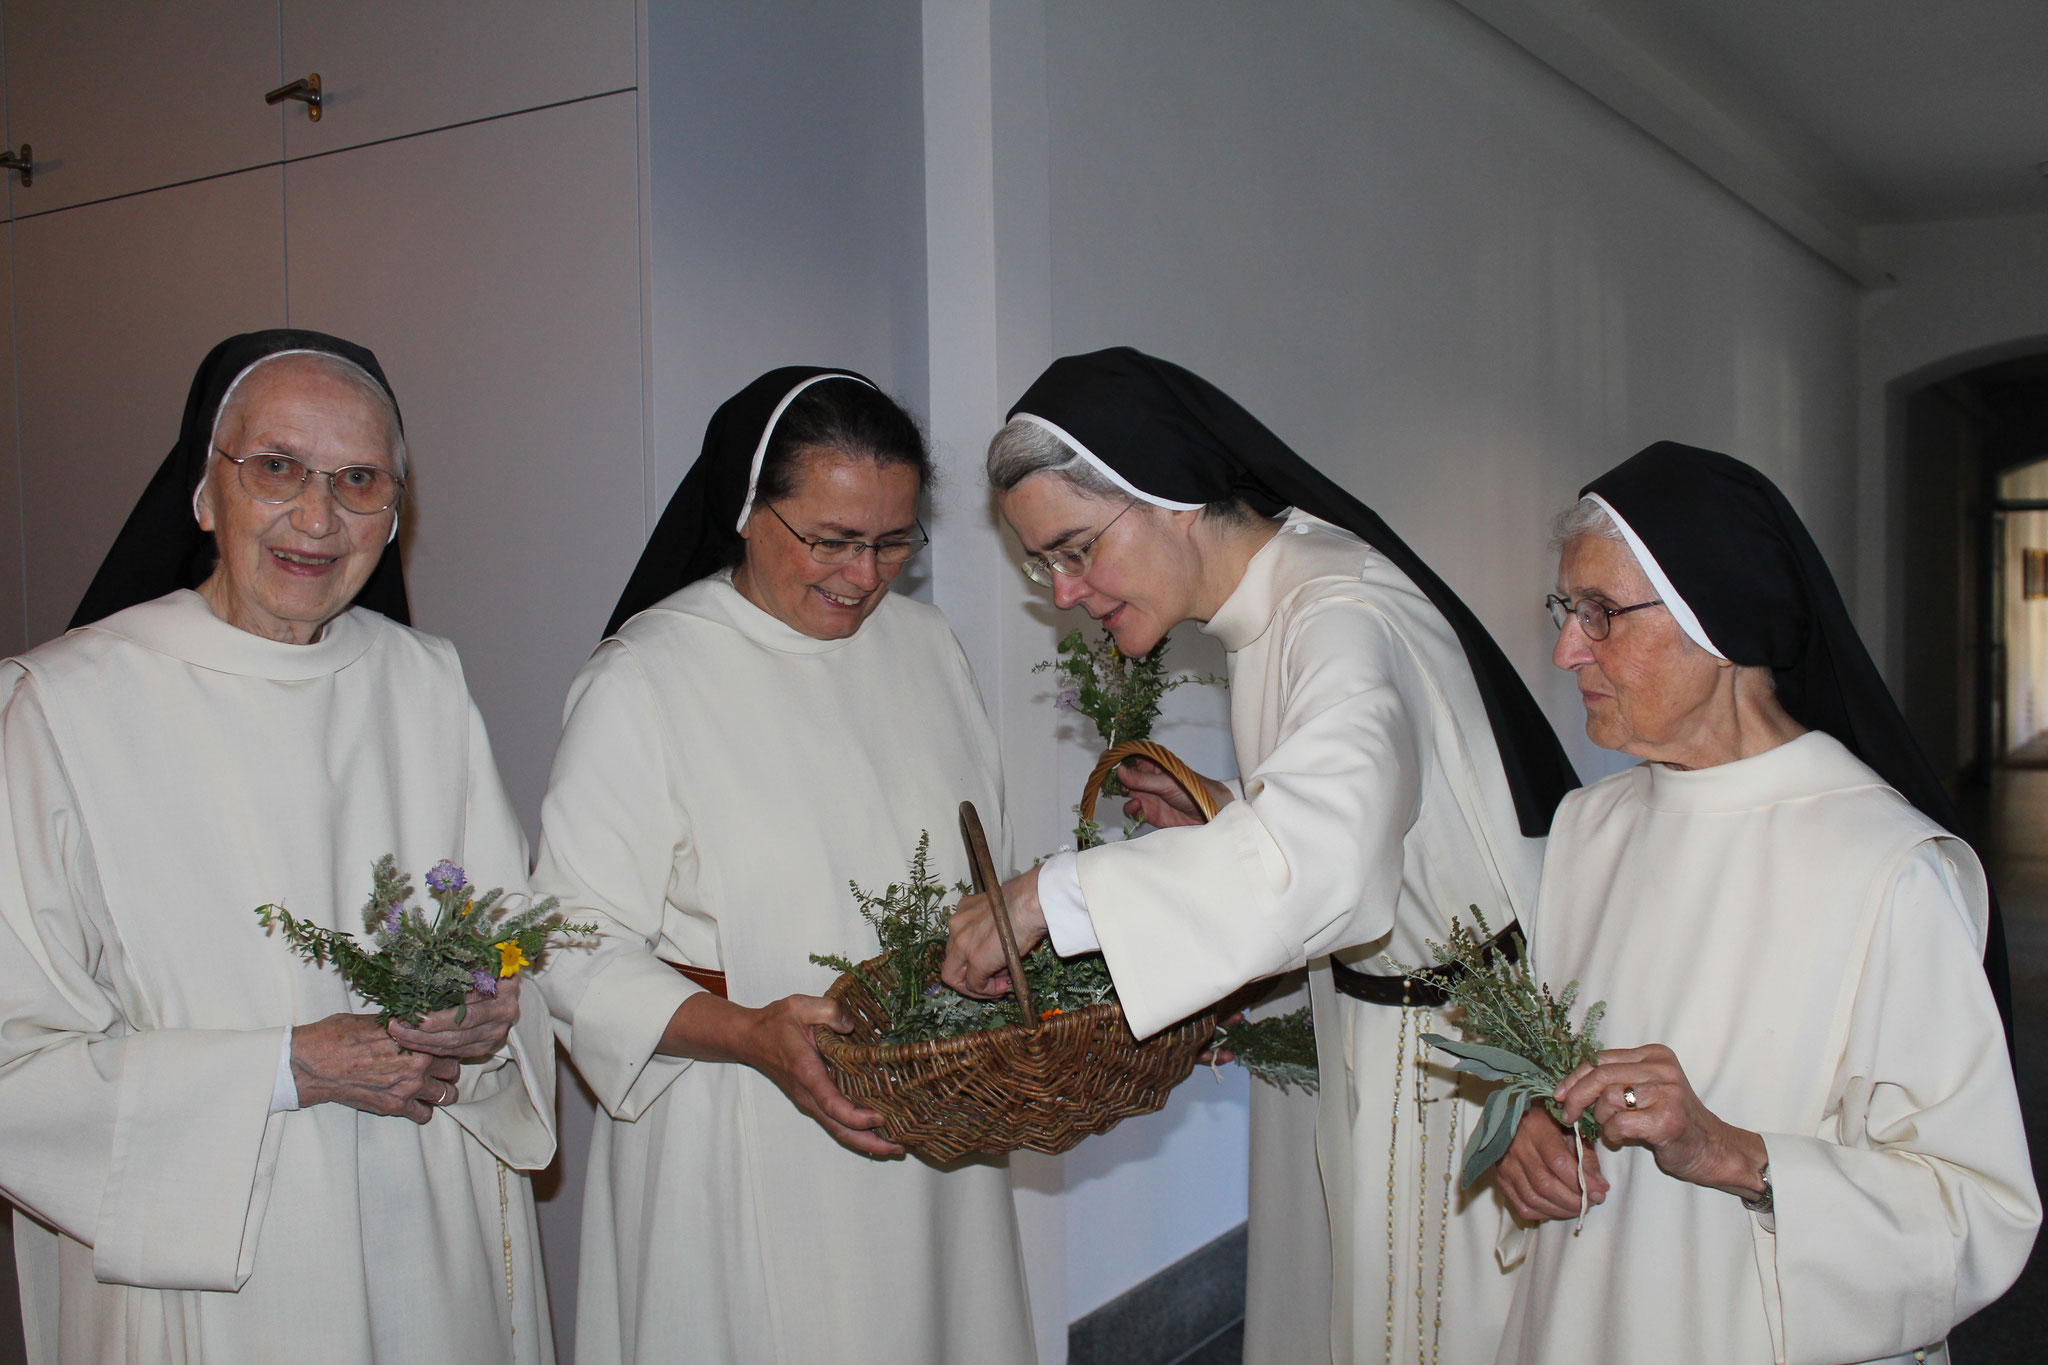 Die Schwestern, beim Betrachten der Kräutersträusschen